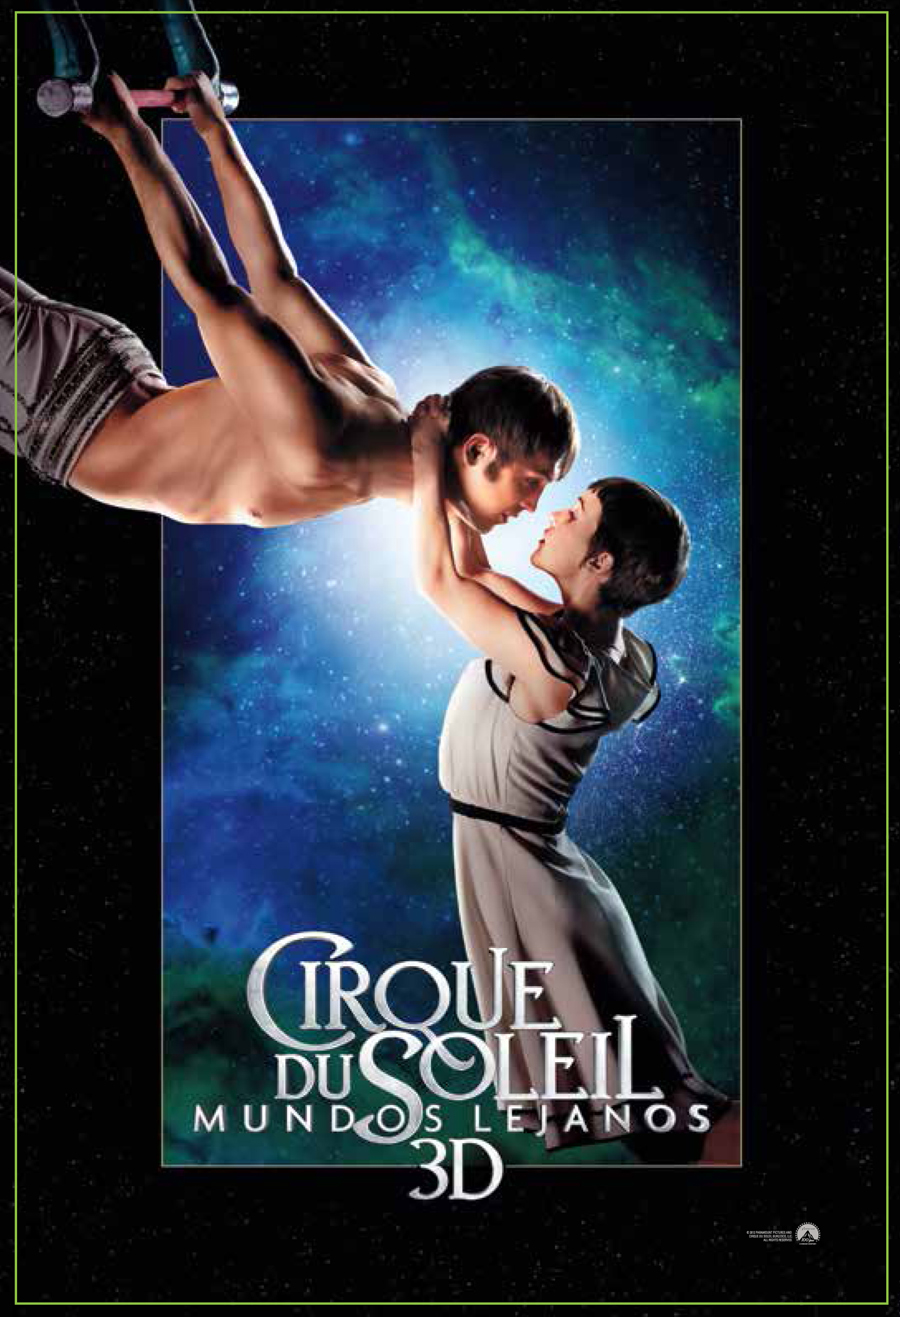 Cirque du Soleil: Mundos lejanos: Su magia y poco más